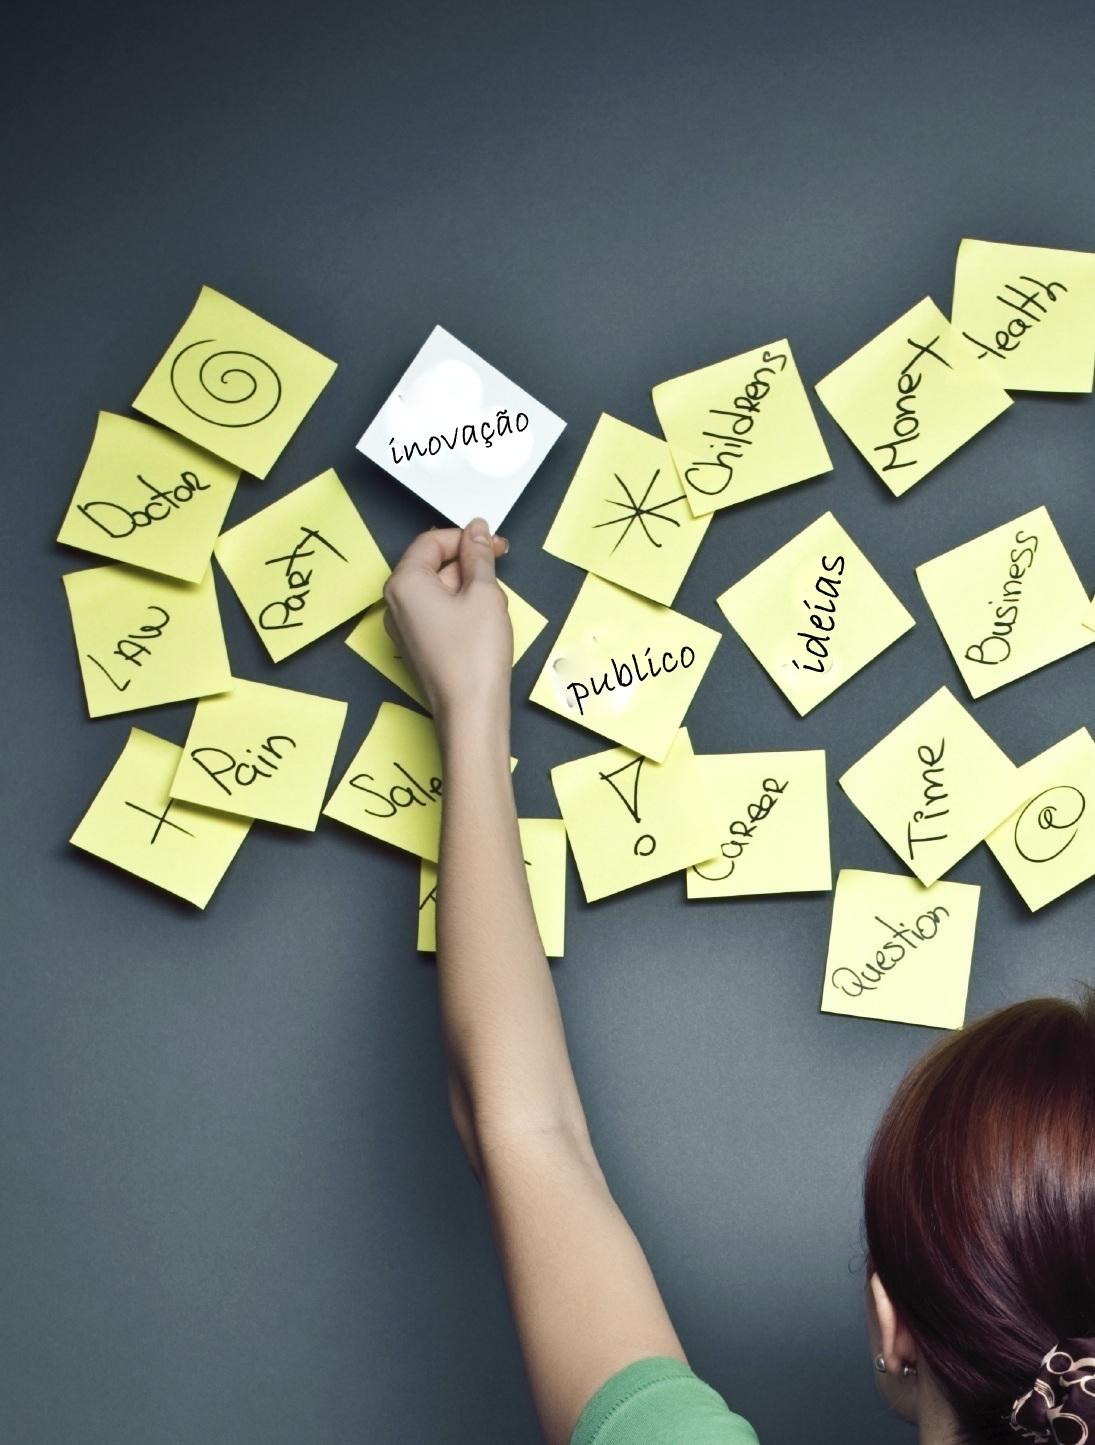 design thinking - Design Thinking é inovação